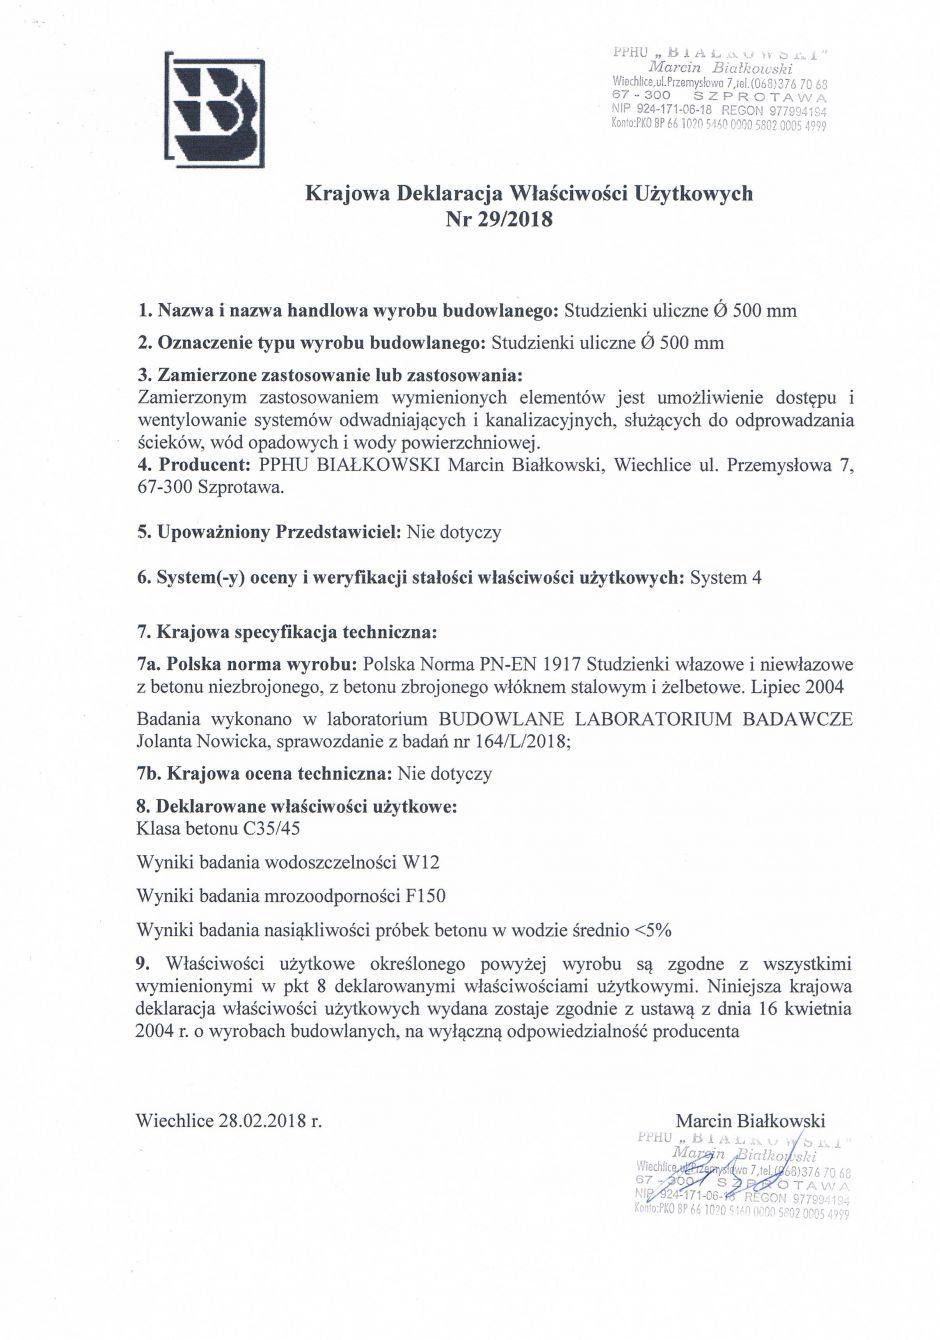 Krajowa Deklaracja Właściwości Użytkowych Nr 29/2018